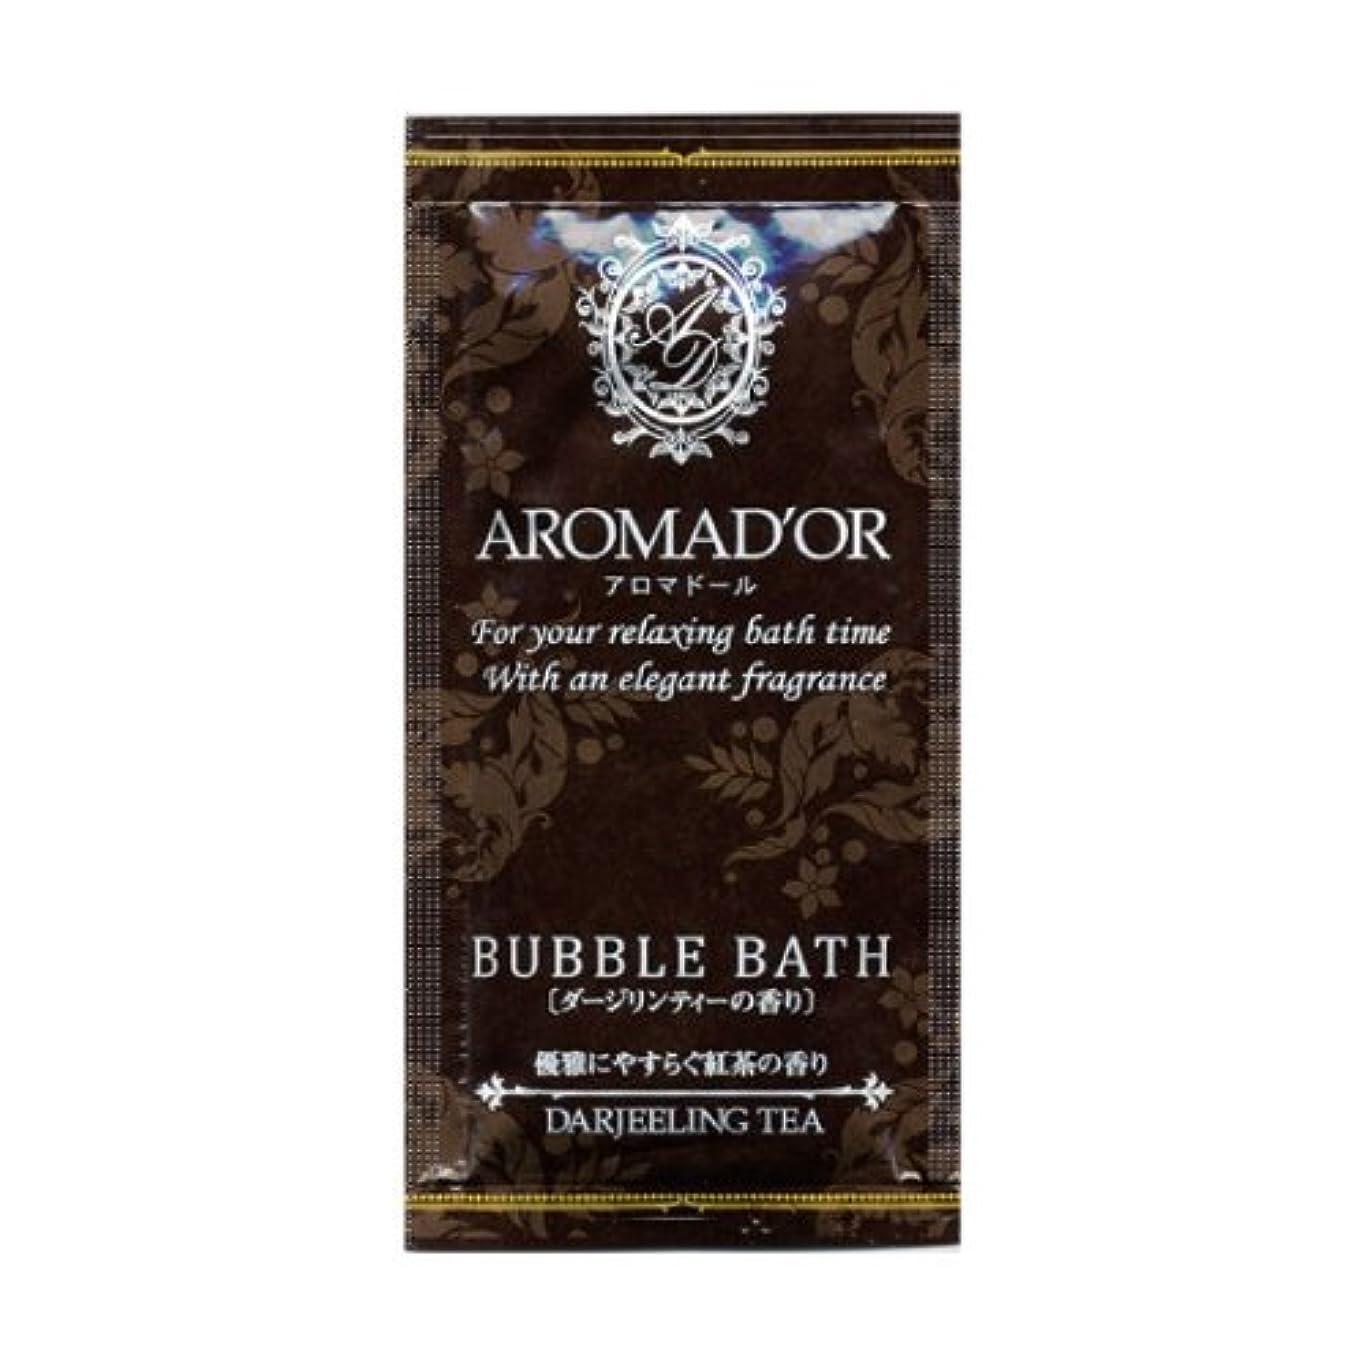 写真残高動かないアロマドール バブルバス ダージリンティーの香り 12包